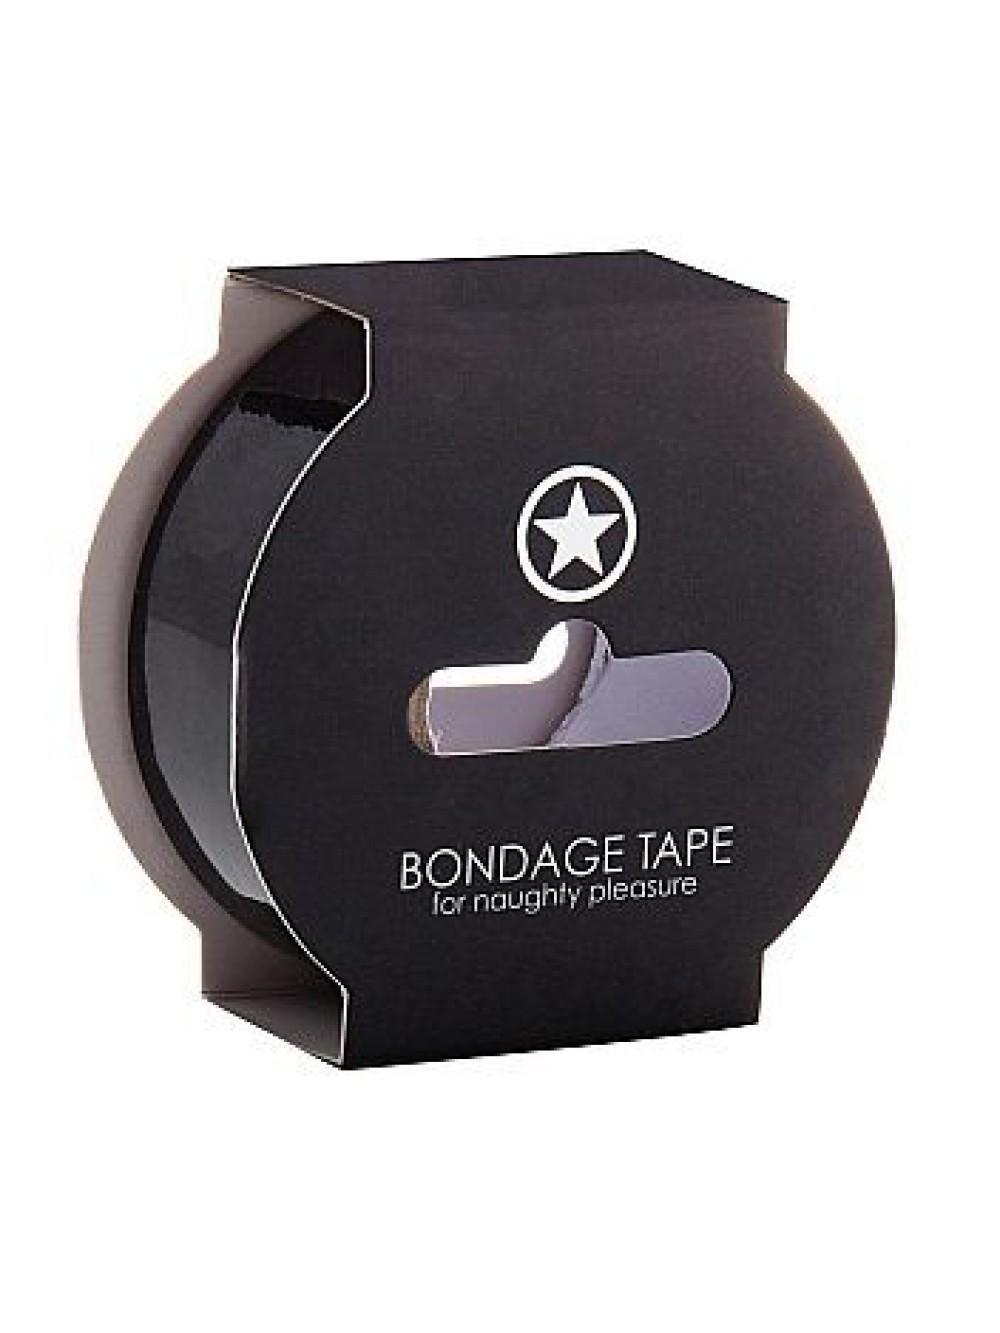 Ouch! Nastro da Bondage Non Adesivo, 17.5 Metri, Nero